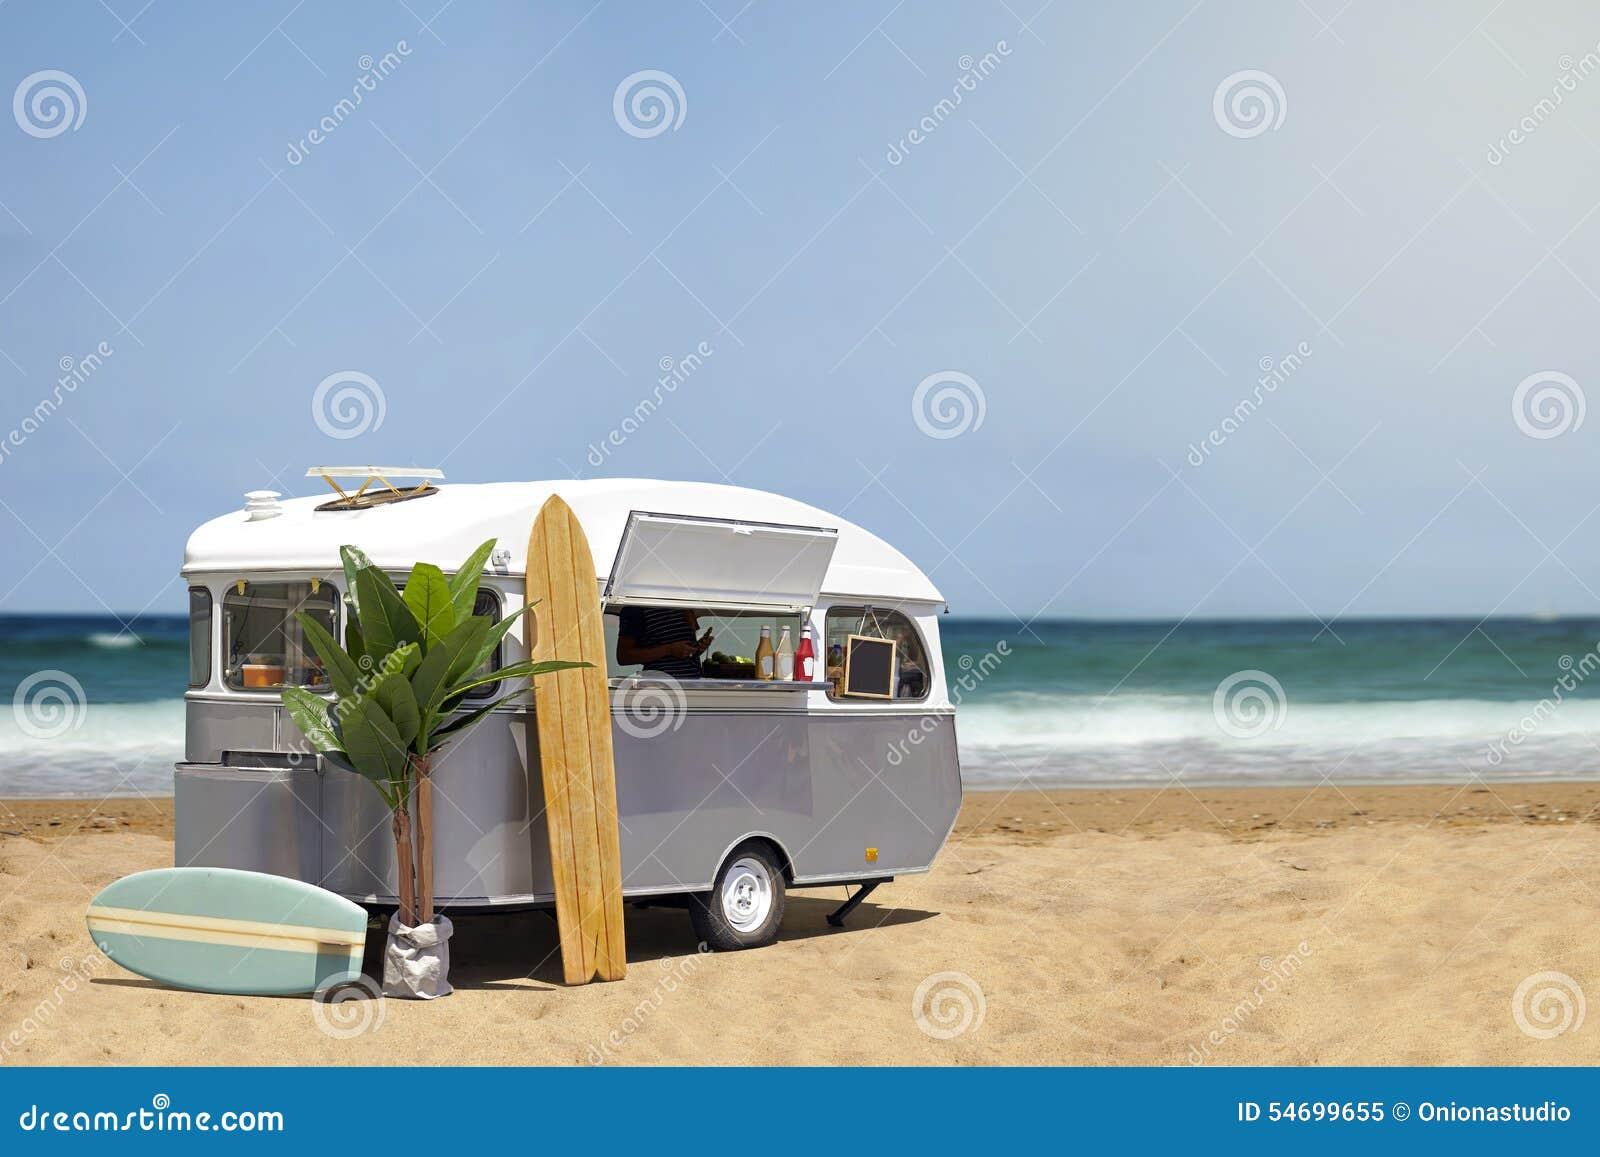 caravane de camion de nourriture sur la plage image stock image du restauration signe 54699655. Black Bedroom Furniture Sets. Home Design Ideas